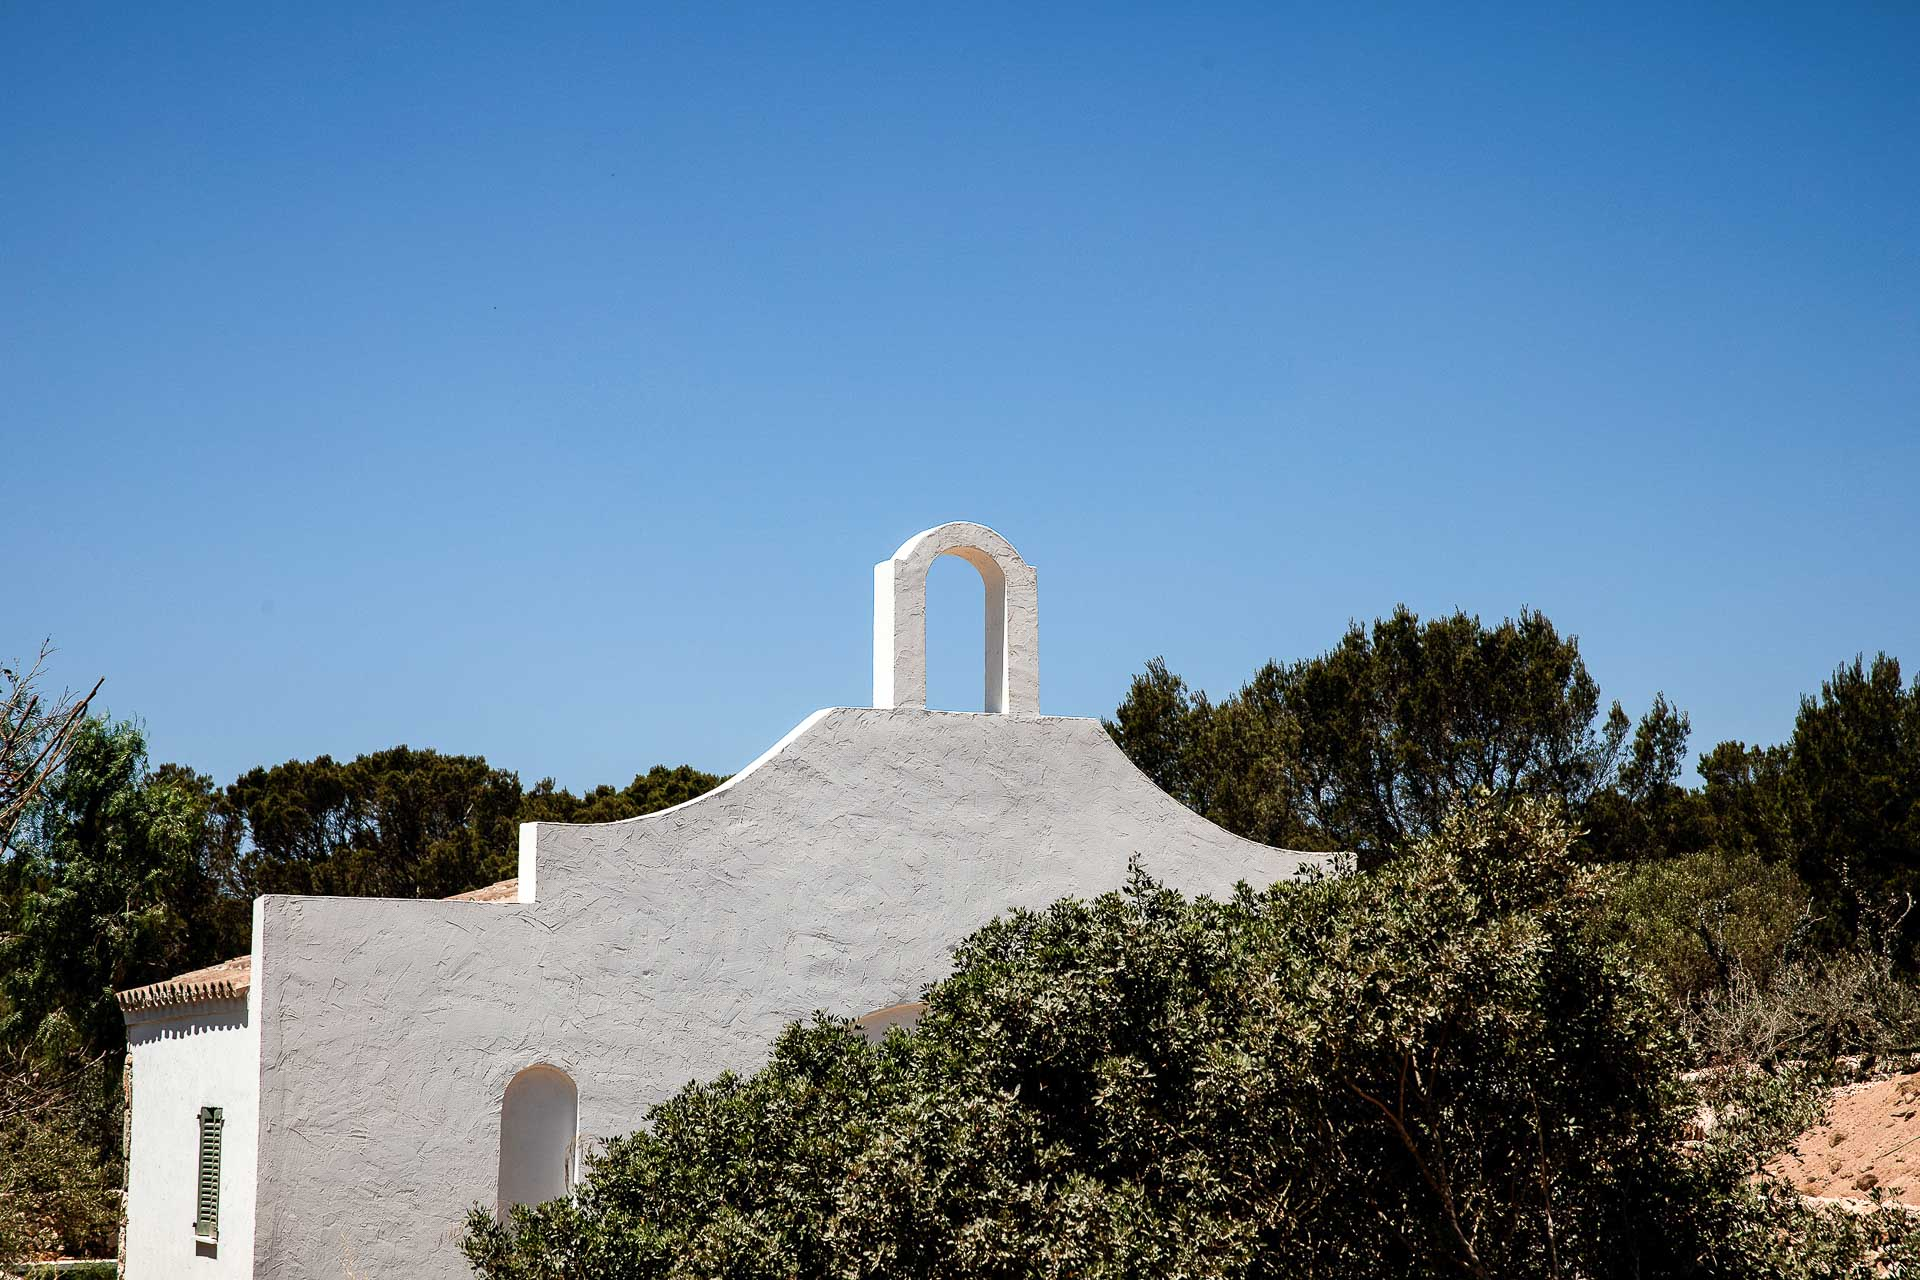 Près de la ville d'Alaior au centre de l'île, Menorca Experimental se situe à seulement 20 minutes de route de l'aéroport international de Mahón